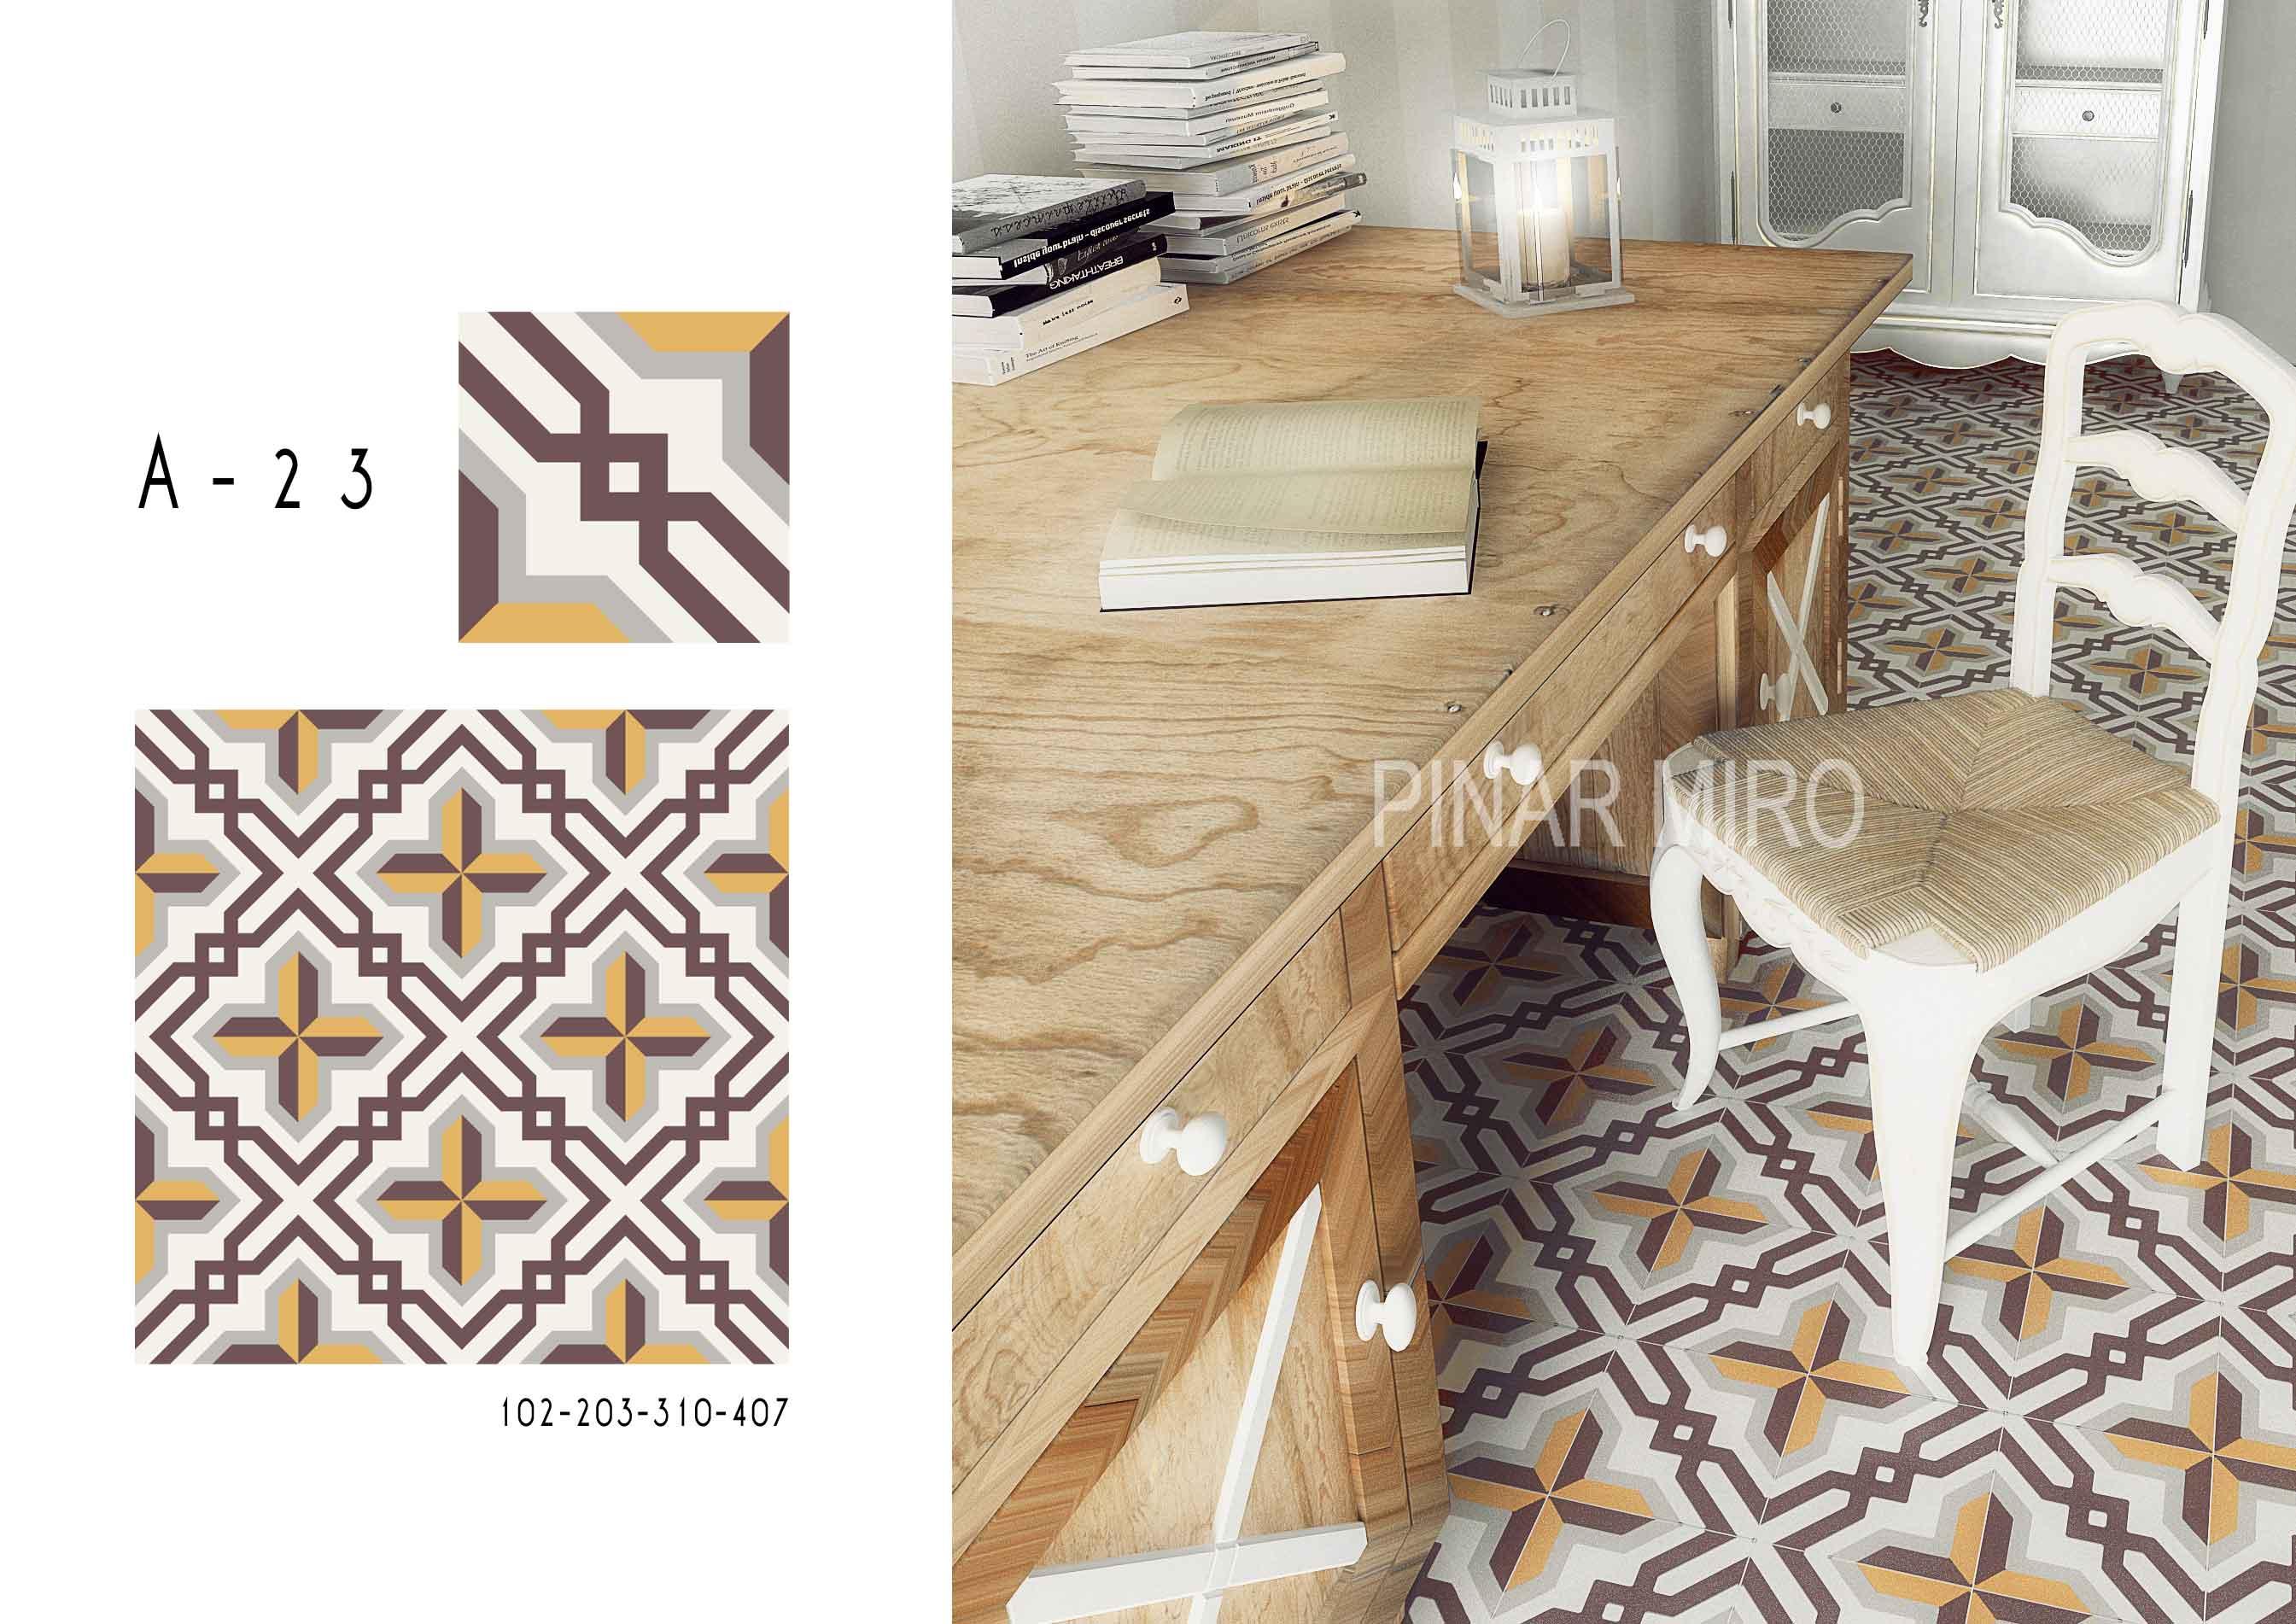 a023-pinar-miro-cement-tegels